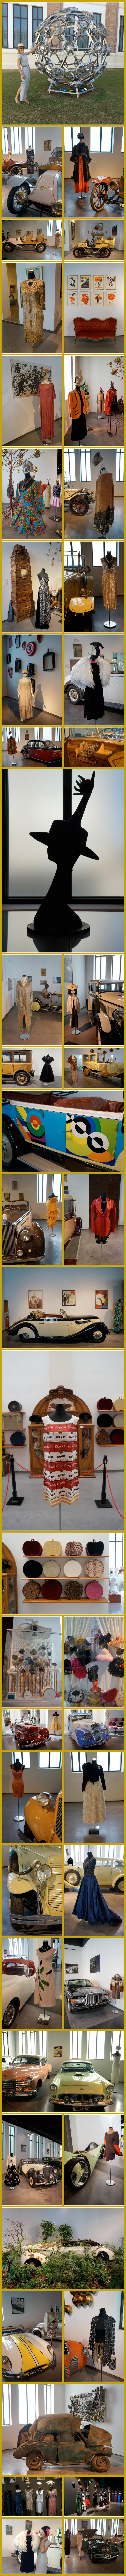 Museo automovilístico de Malaga